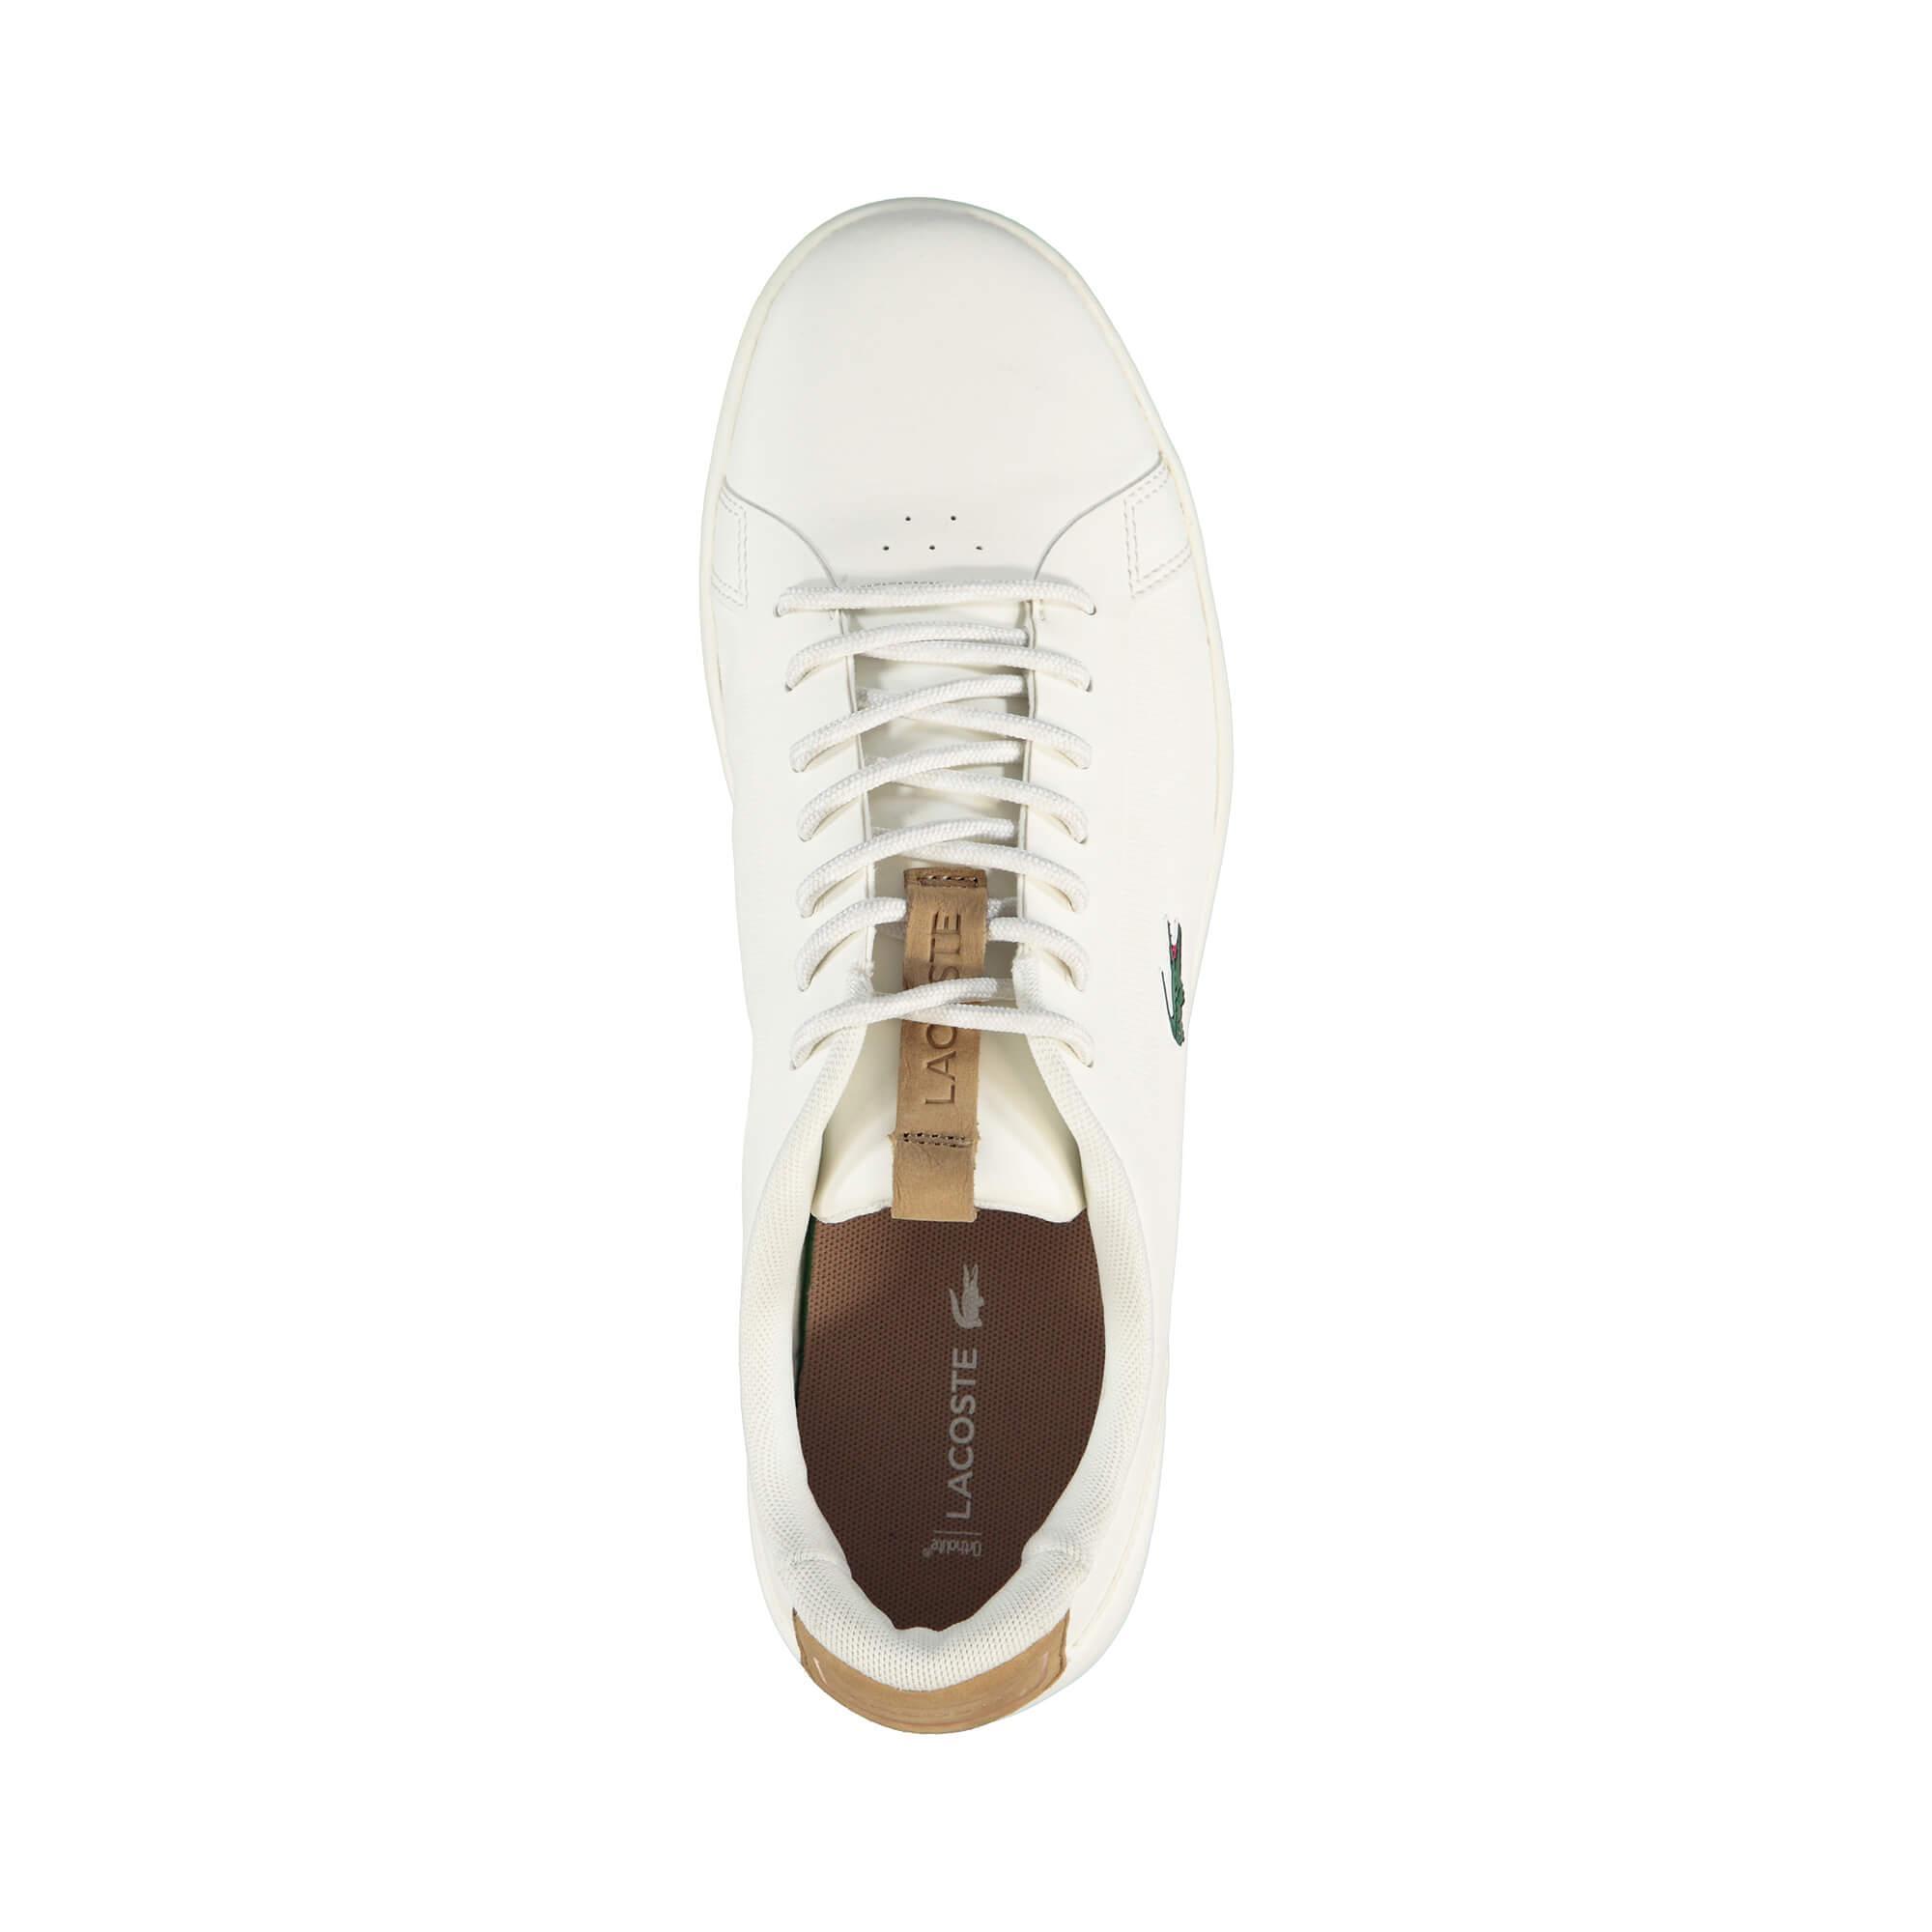 Lacoste Endliner 118 1 Męskie Endliner Sneakersy